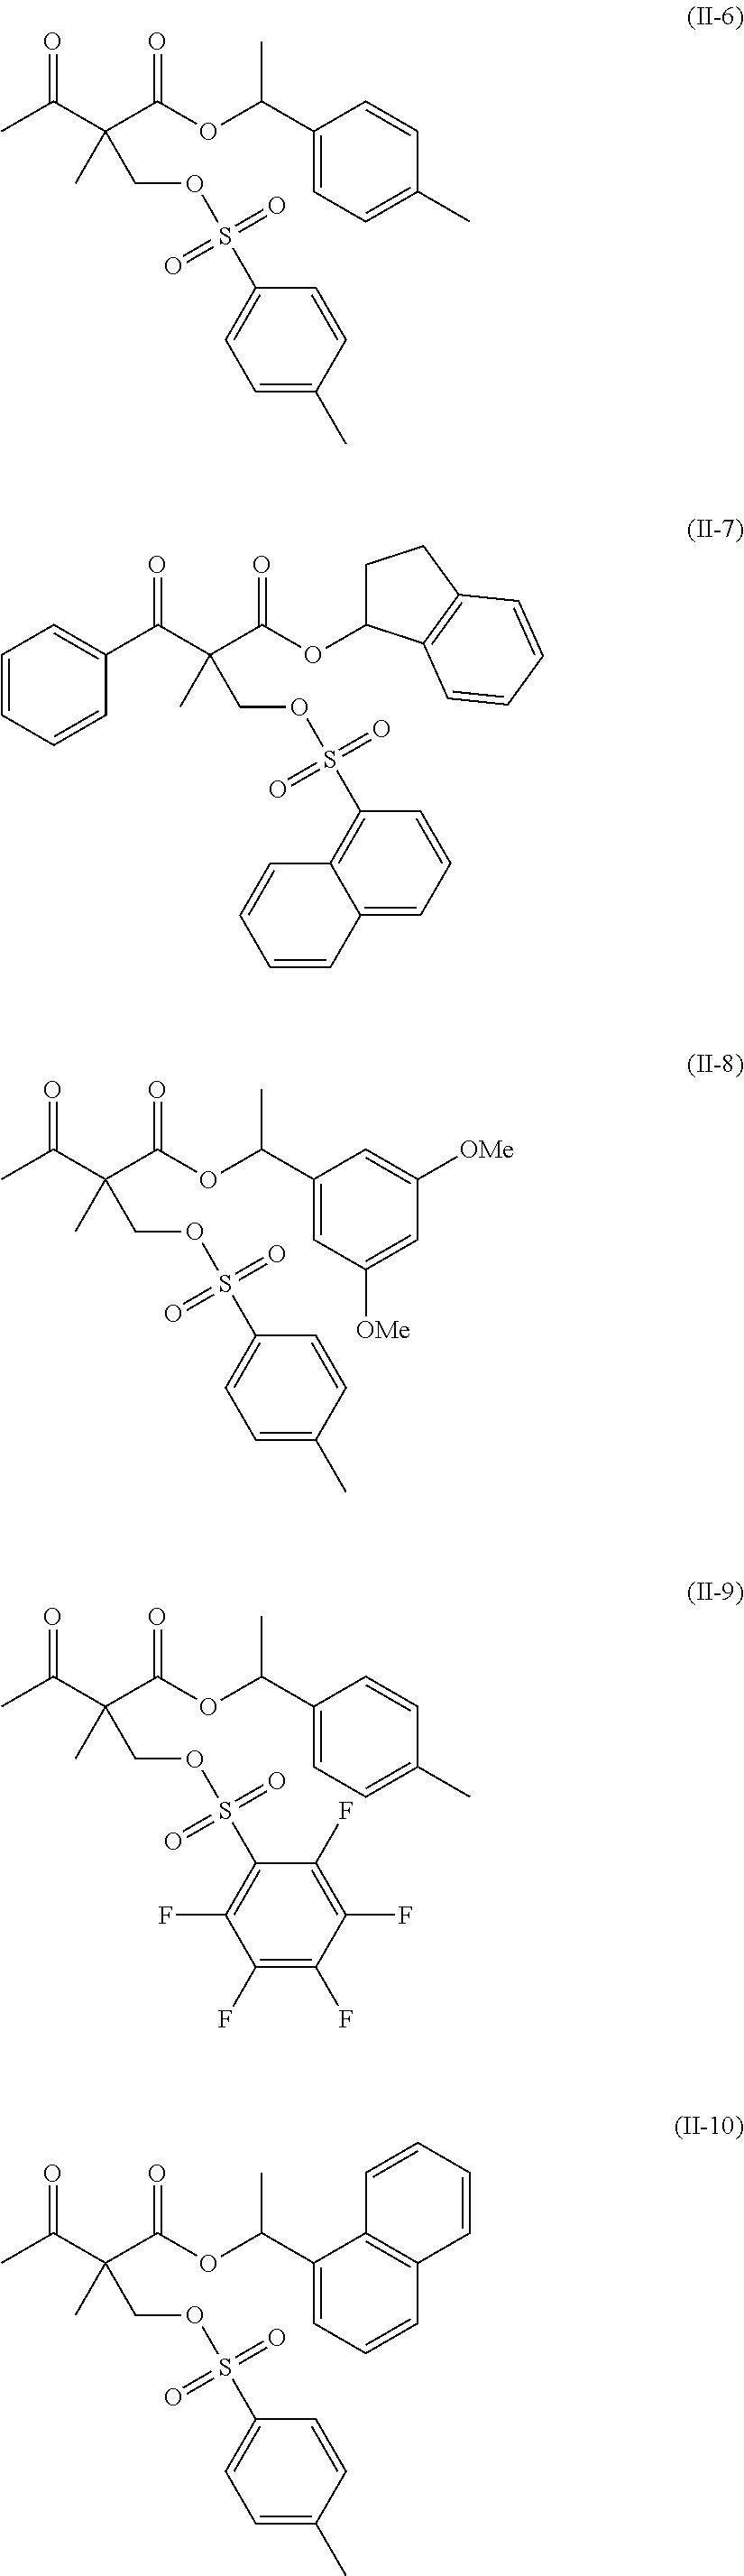 Figure US20110183258A1-20110728-C00094